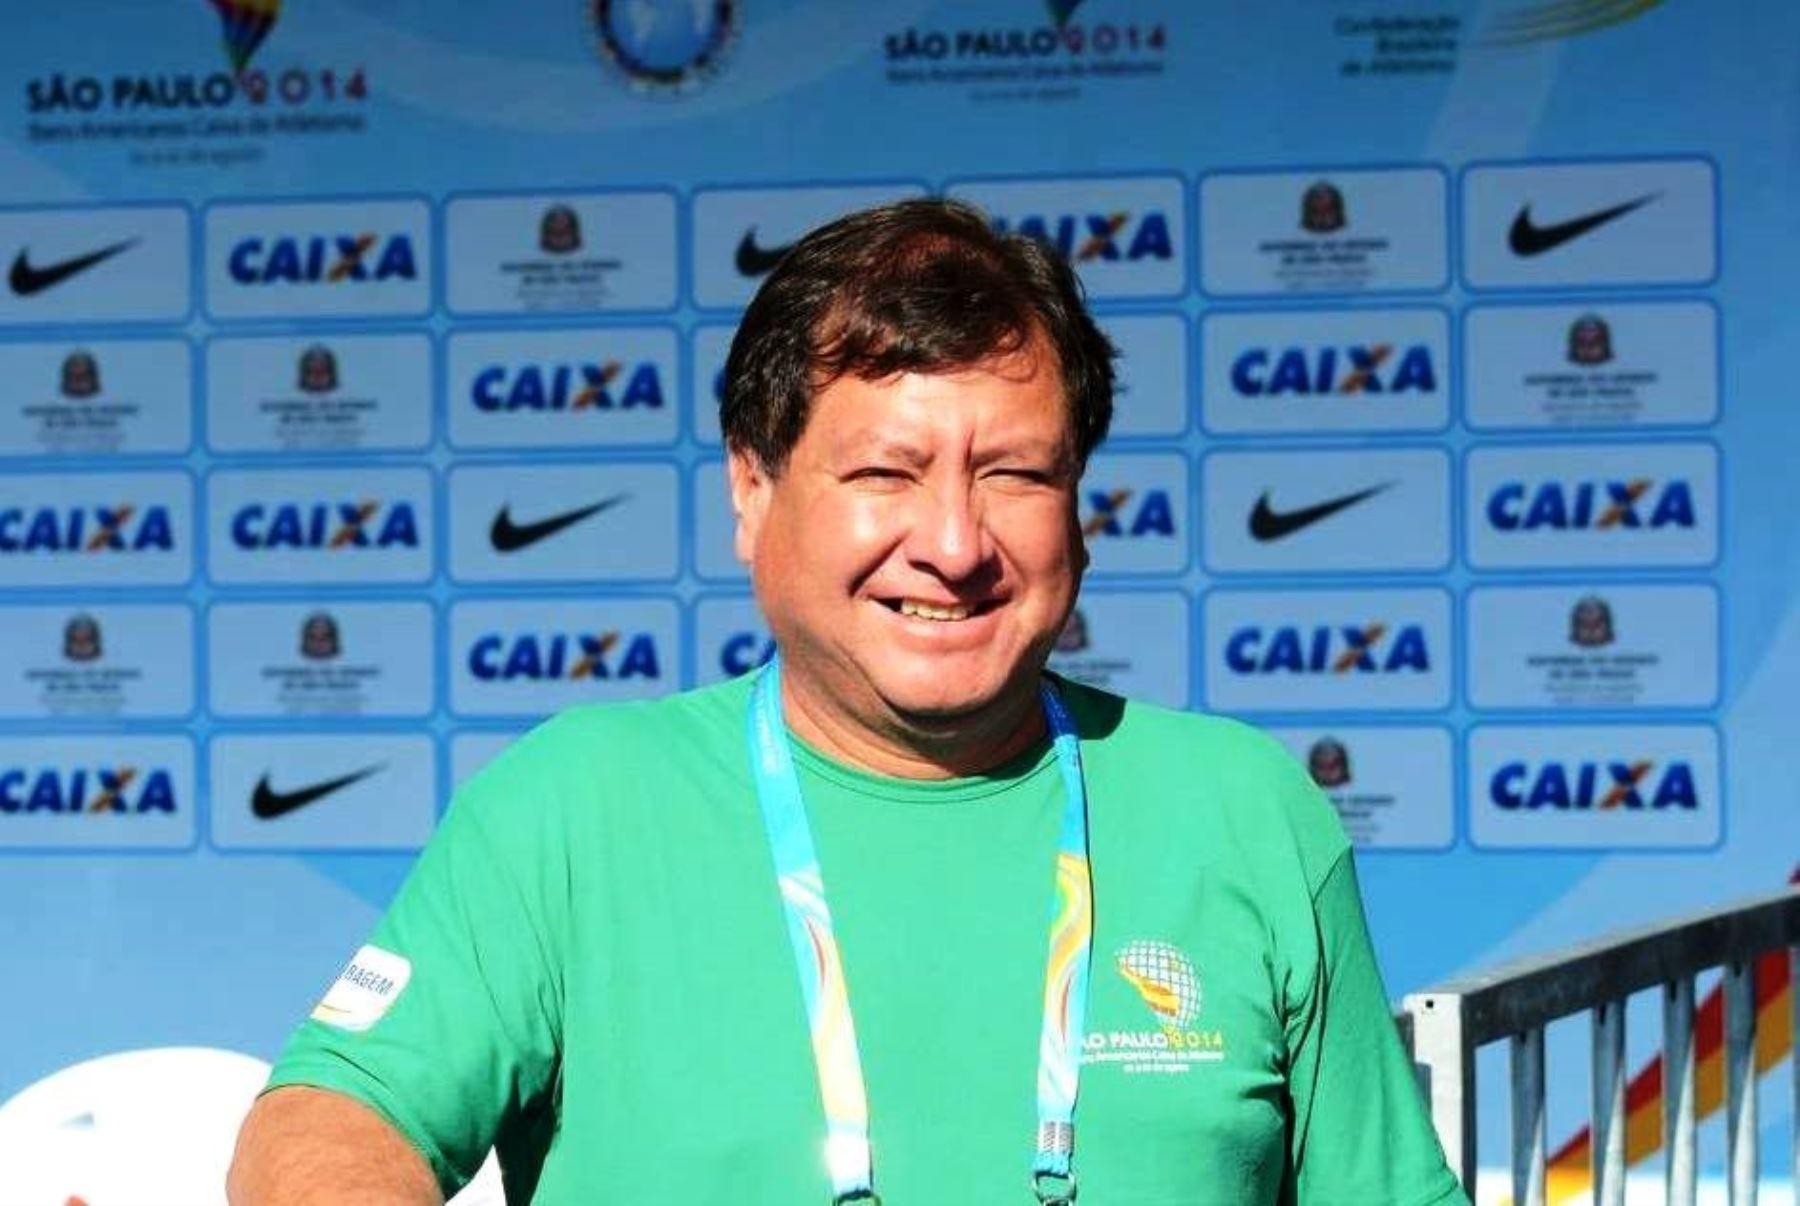 El expresidente de la Federación Peruana de Atletismo Jorge Julián Castro falleció por covid-19 en Cajamarca. Foto: ANDINA/Difusión